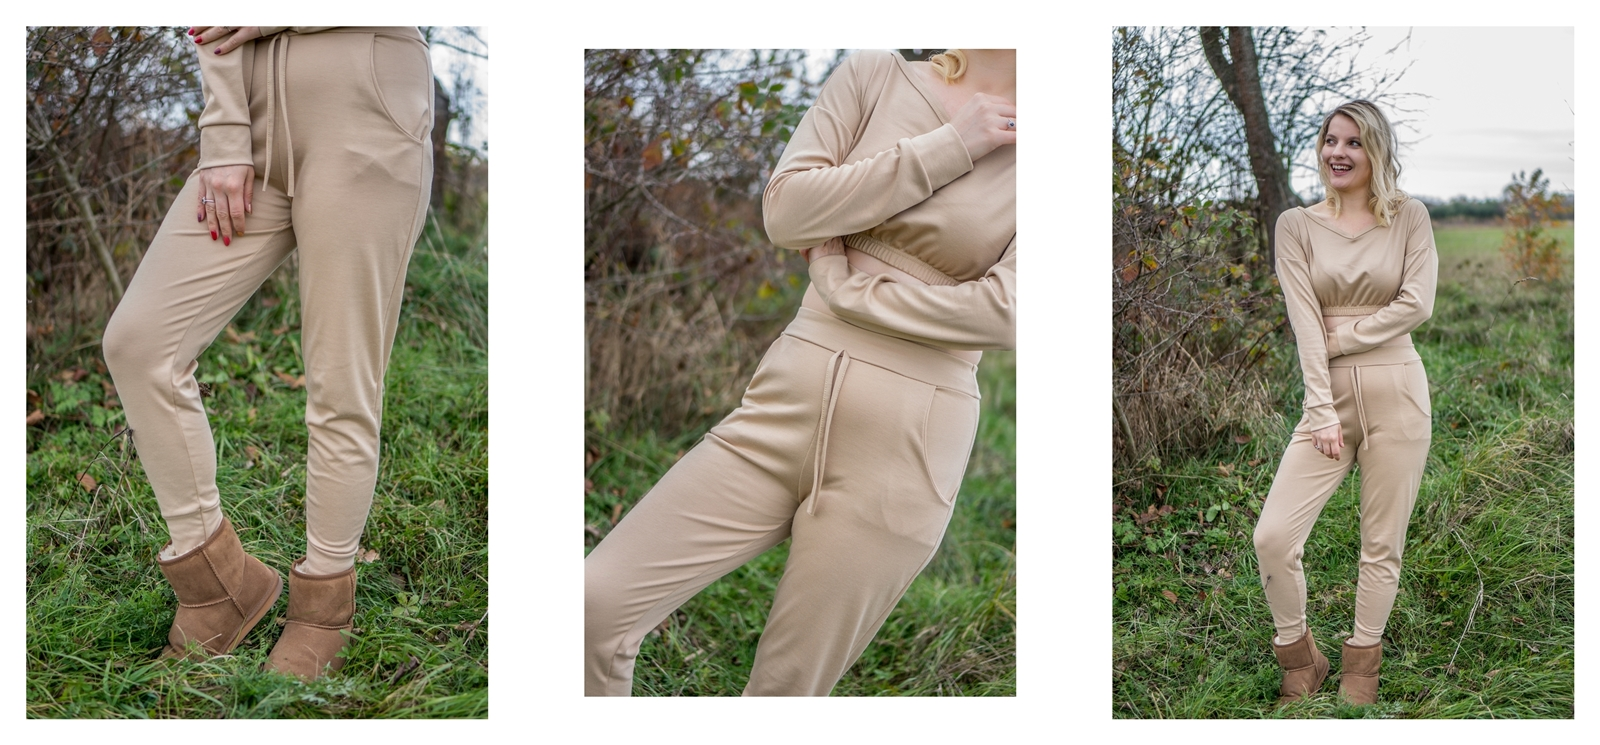 3 beżowy komplet dresowy z krótkim topem jakie buty do spodni dresowych emu jakość opinie kod rabatowy na zakupy moda łódź melodylaniella blogerka lifestyle